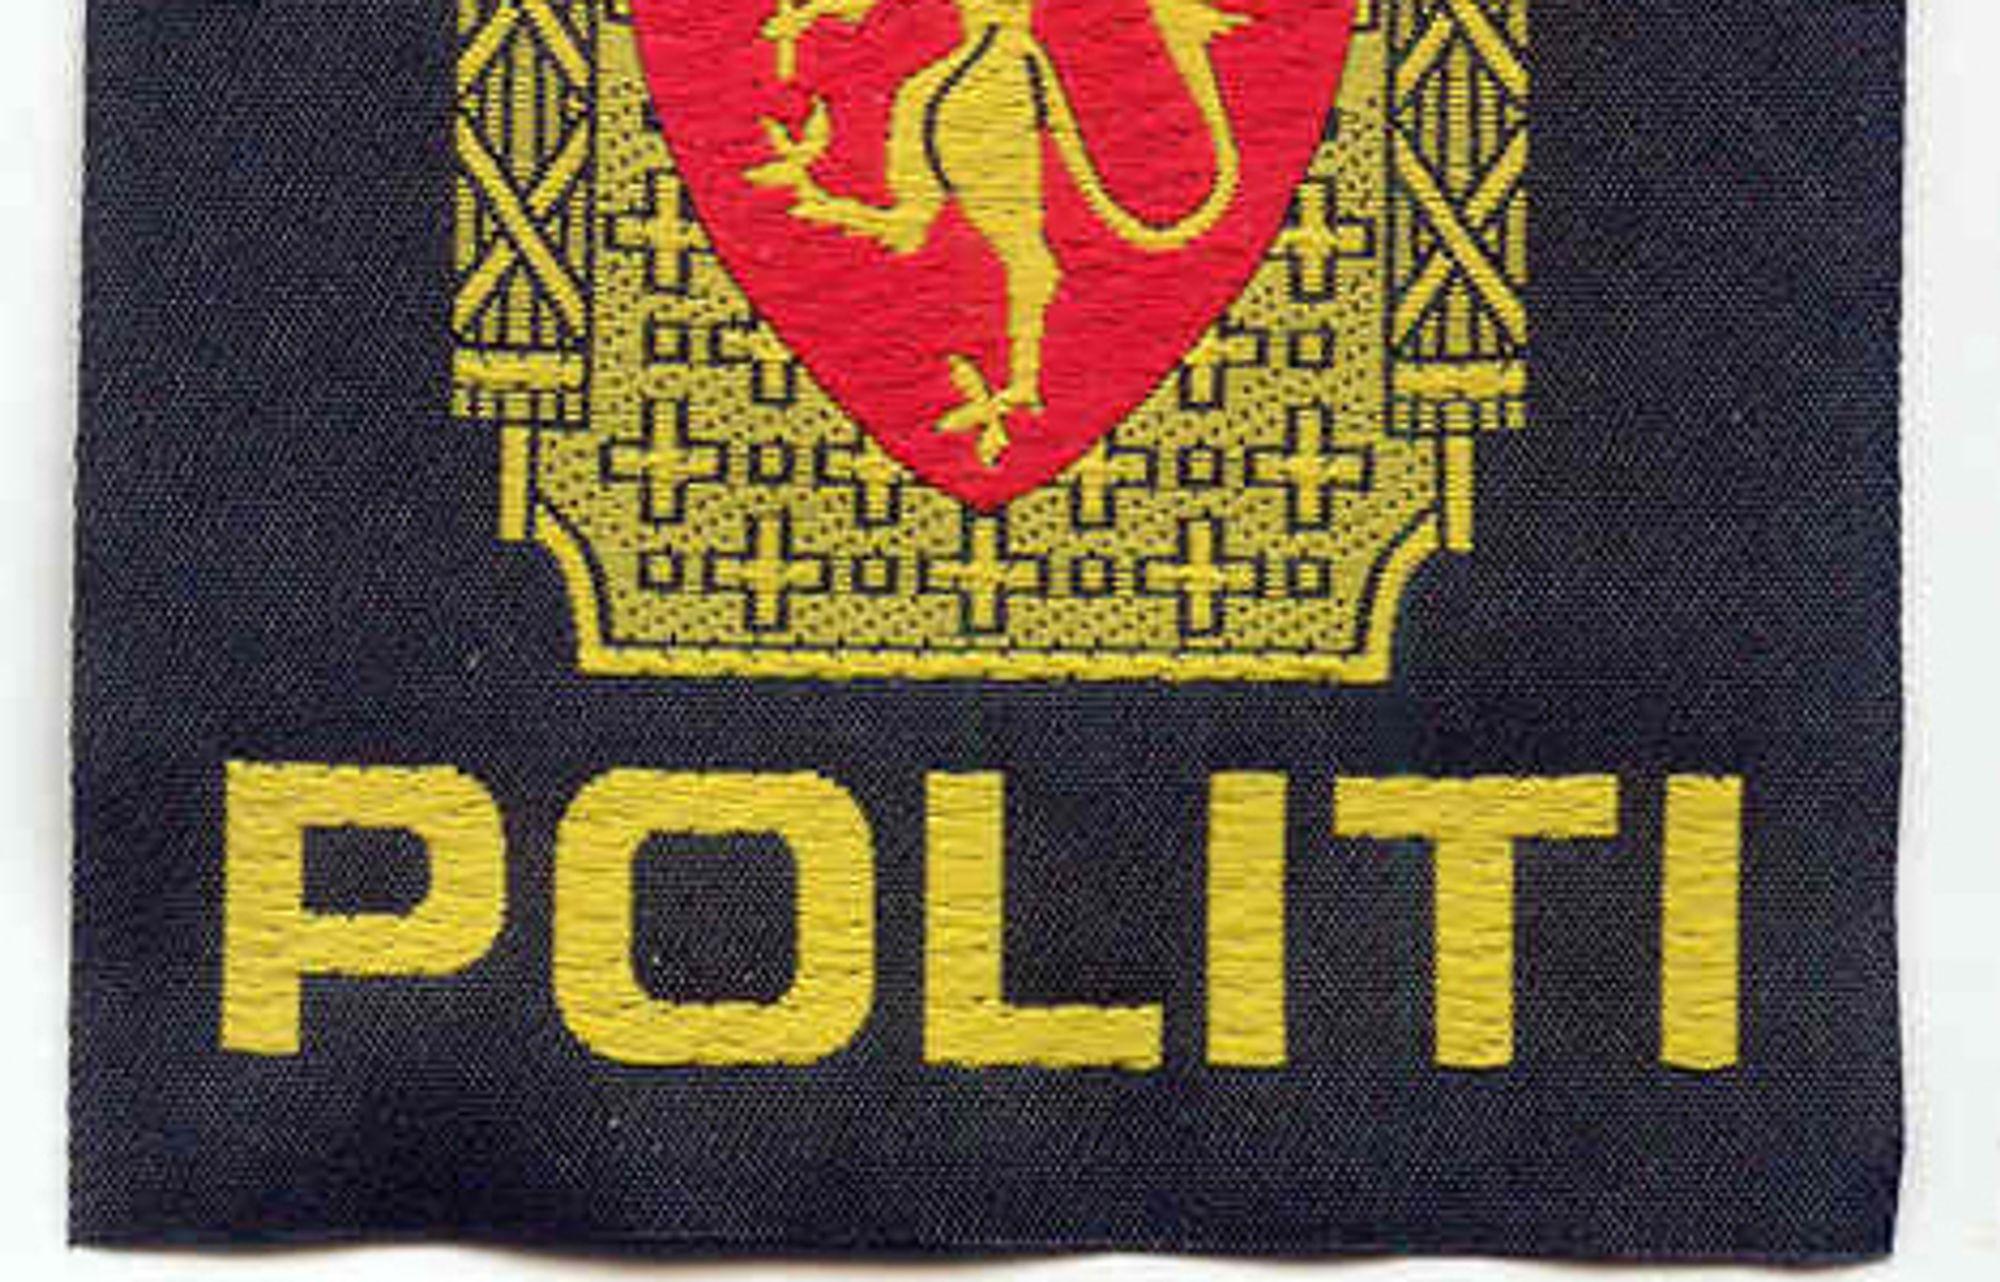 TRYGGHET: Politiet er bare en faktor blant mange som skal sikre et trygt samfunn. OL eller ikke OL!